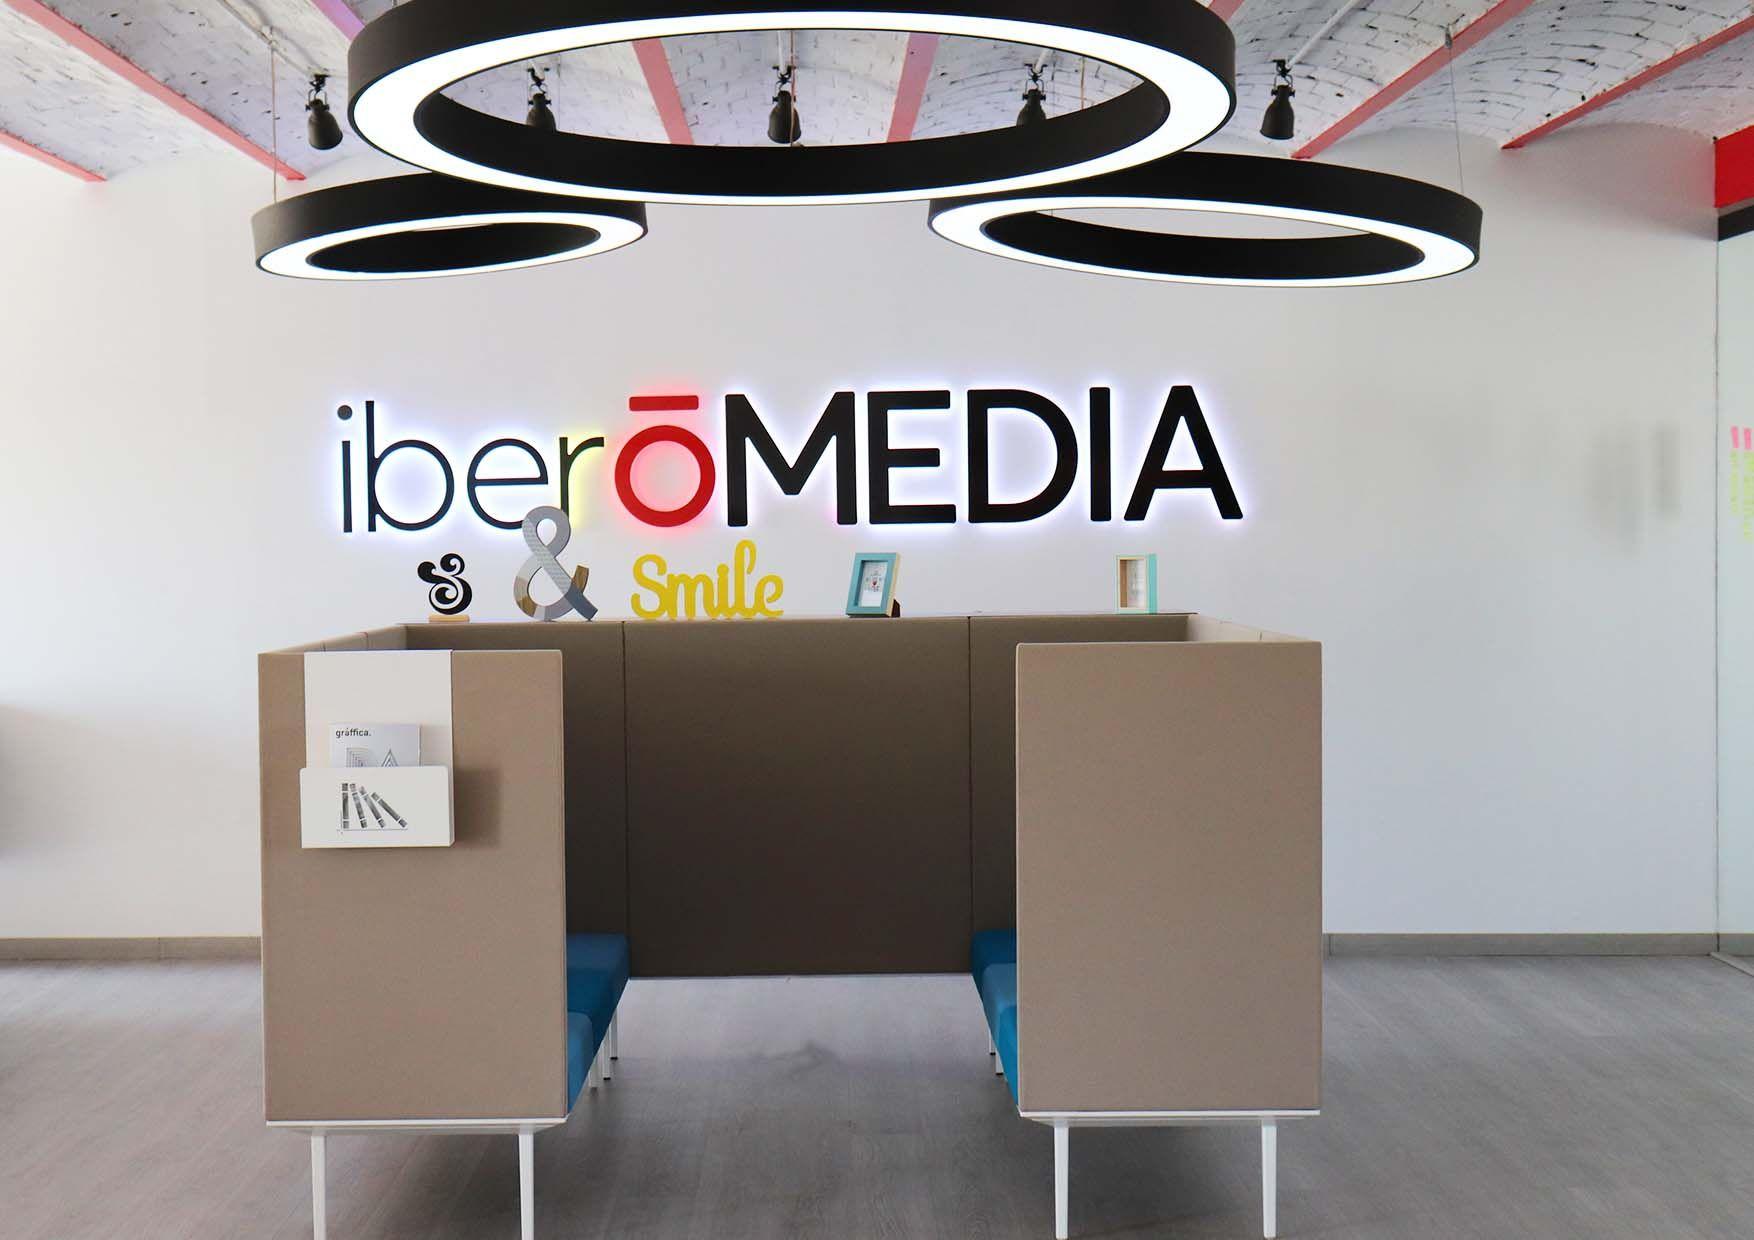 Foto de iberoMEDIA